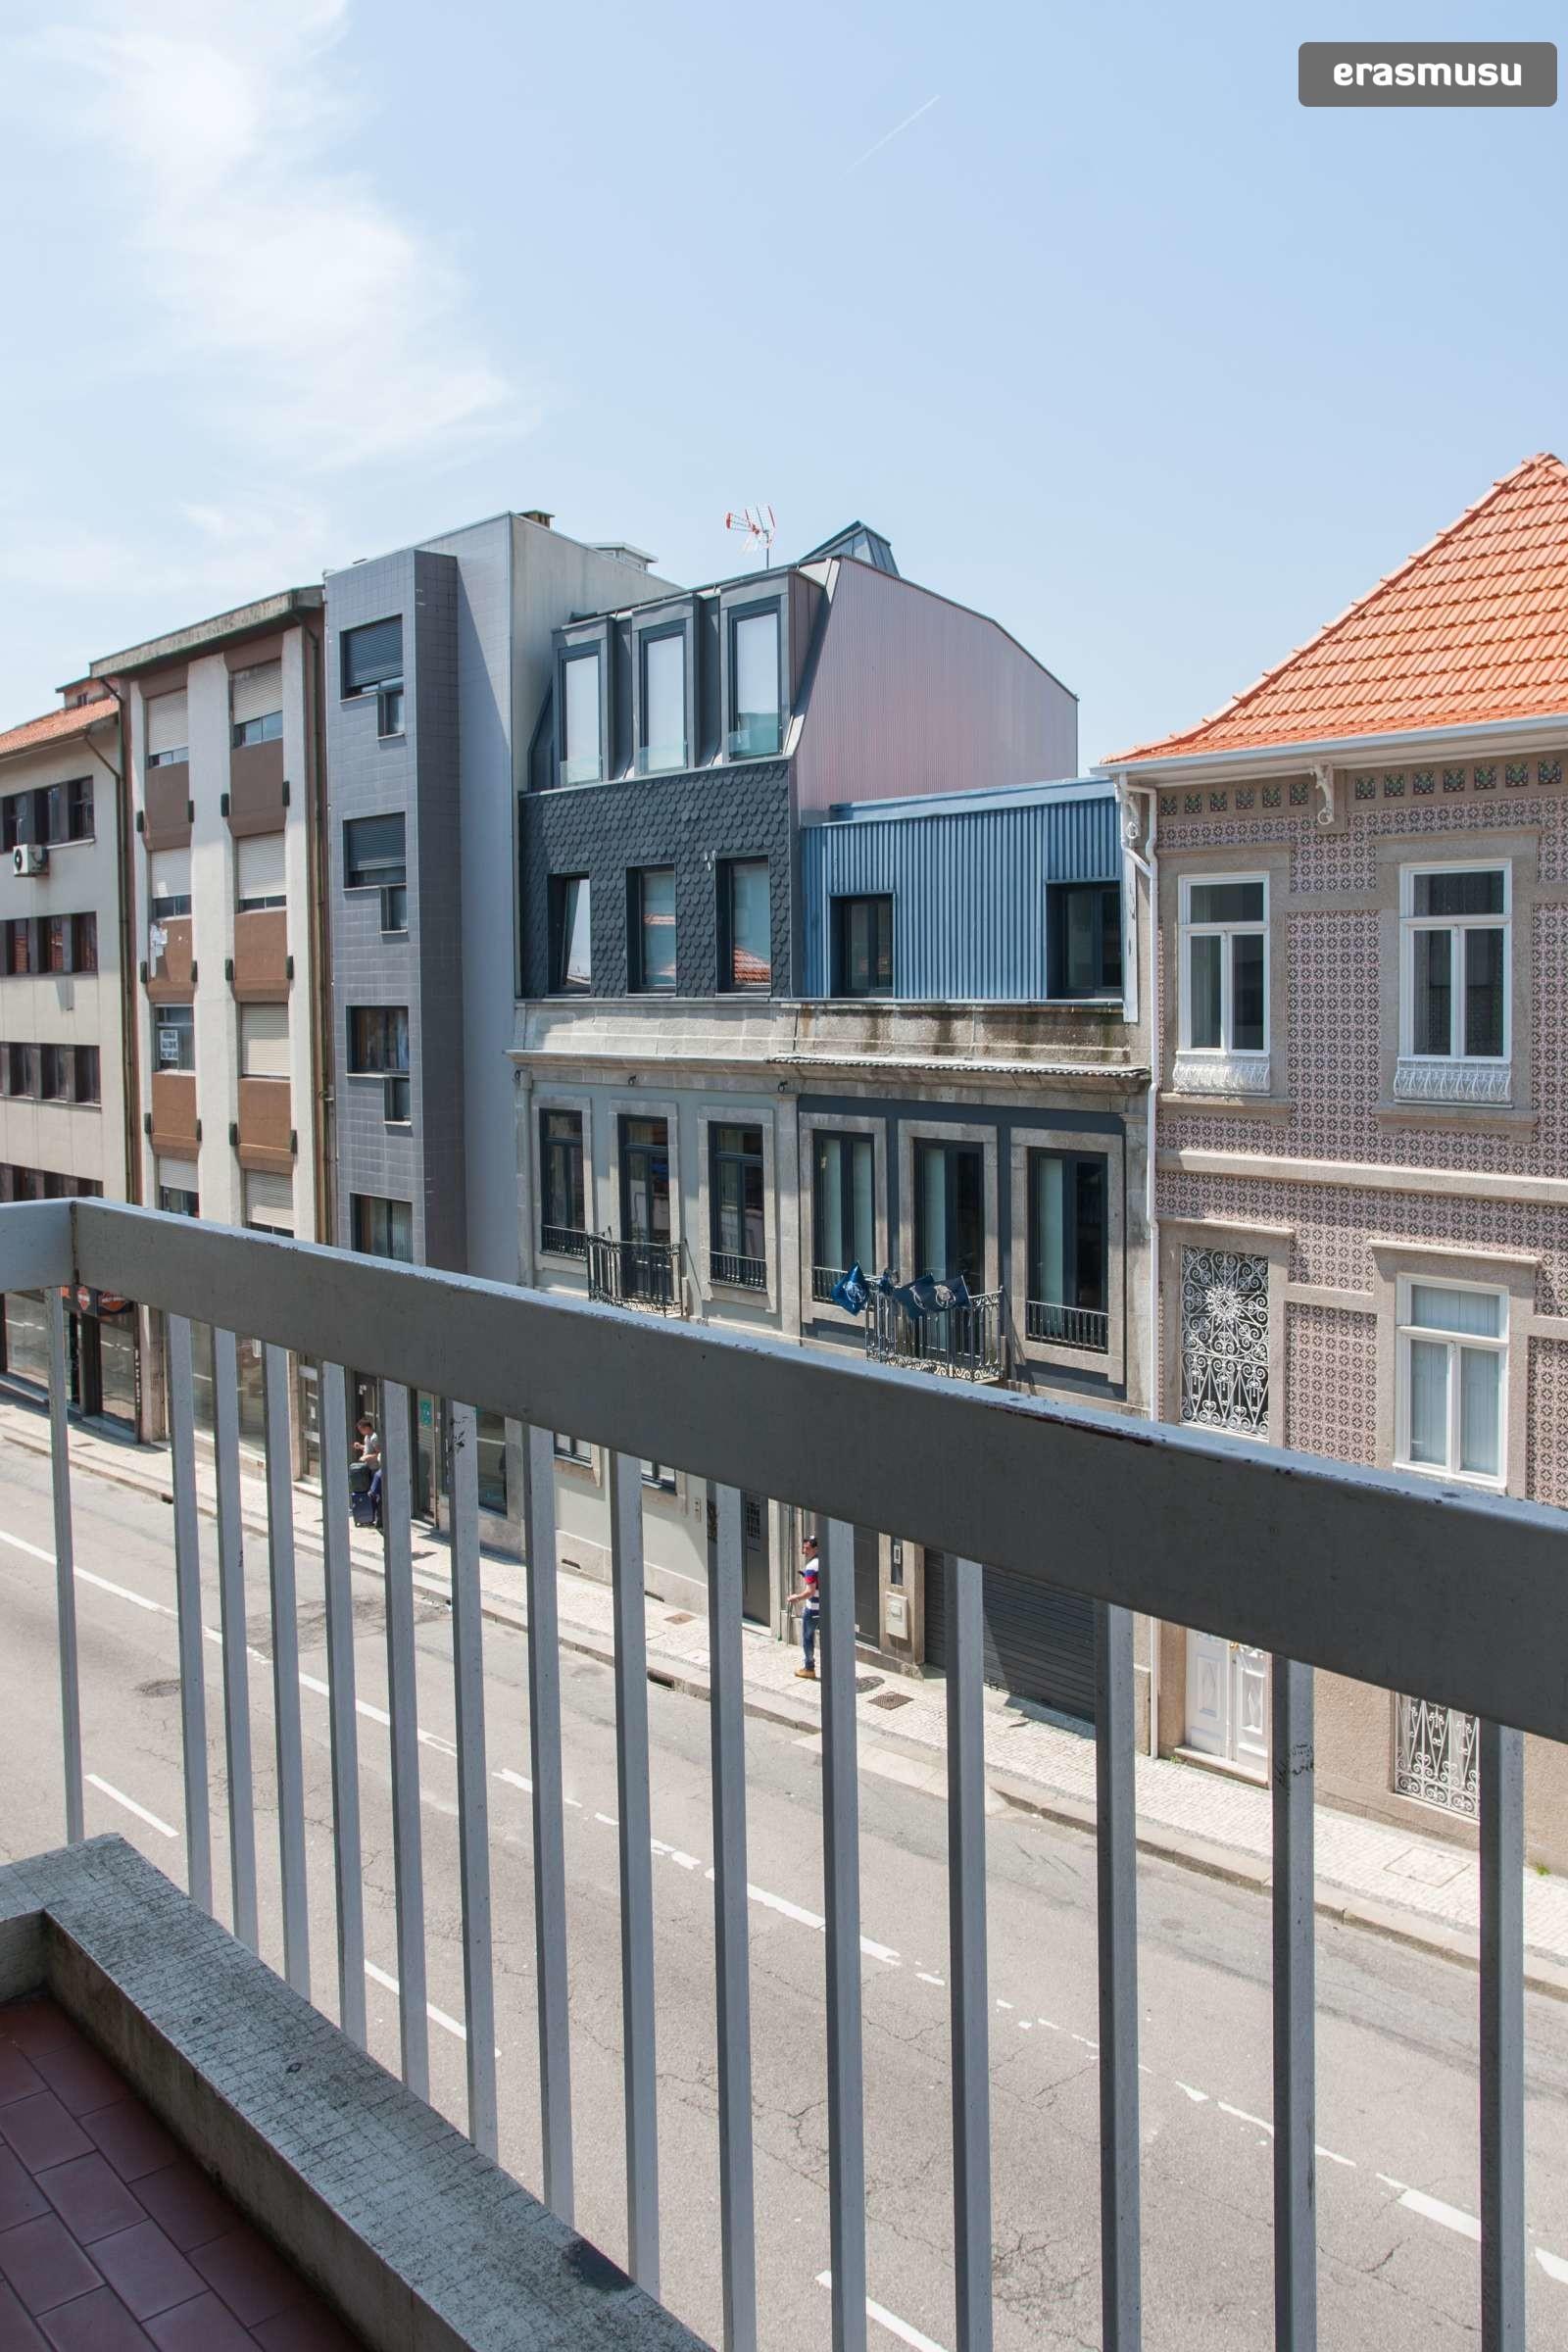 sunny-studio-balcony-rent-santo-ildefonso-3e7247793de95de1711281